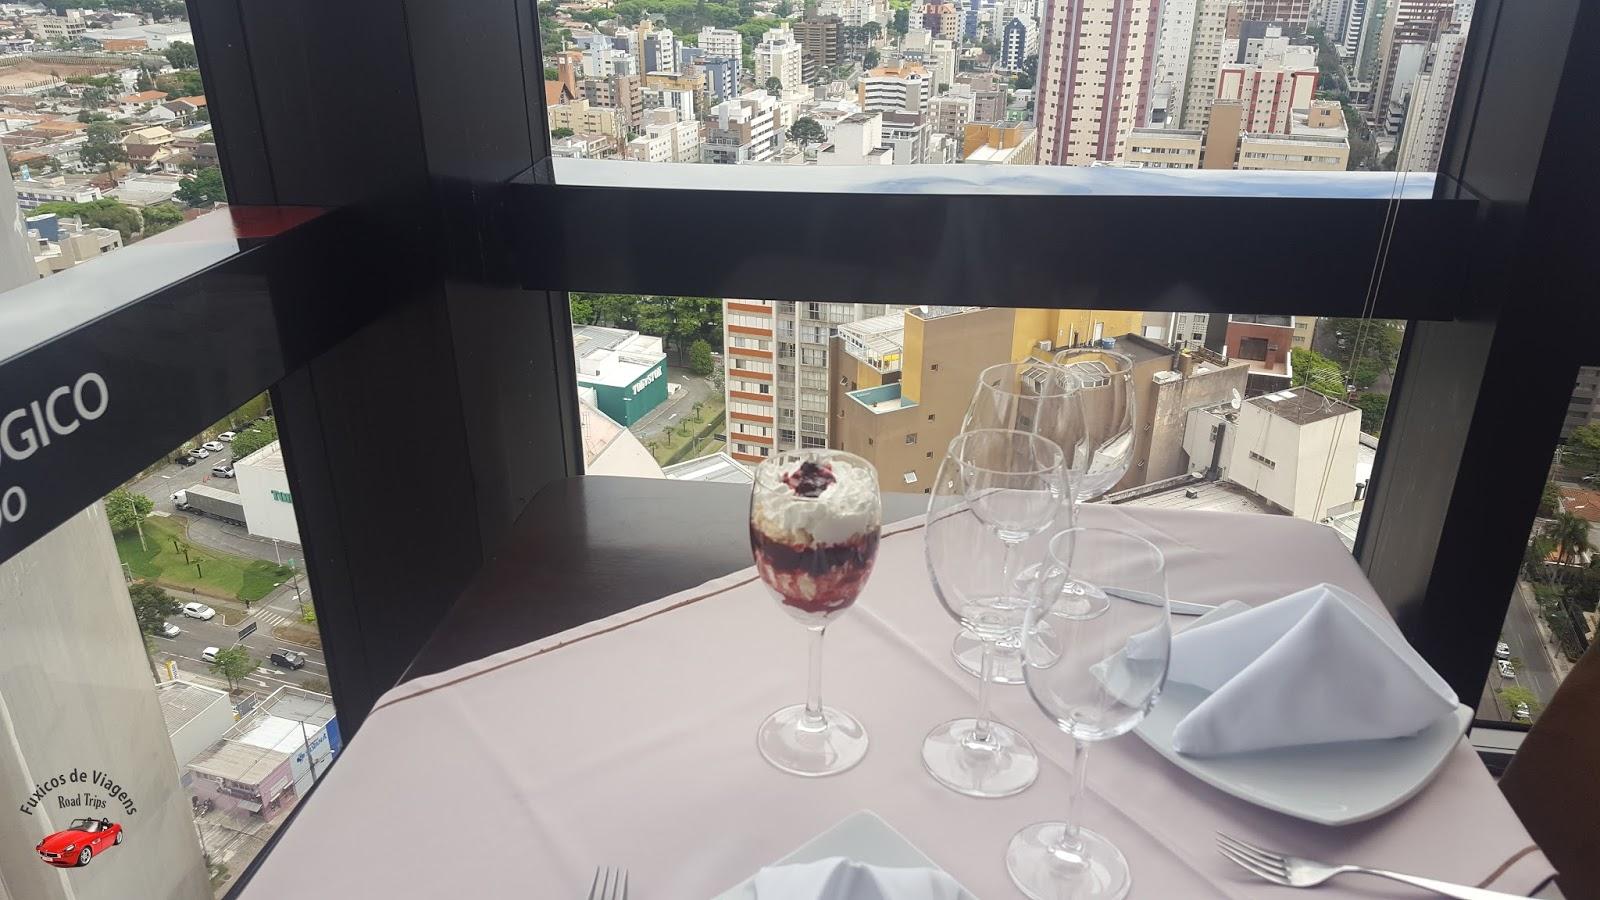 Restaurante Terrazza 40 Vista Panorâmica Em Grande Estilo